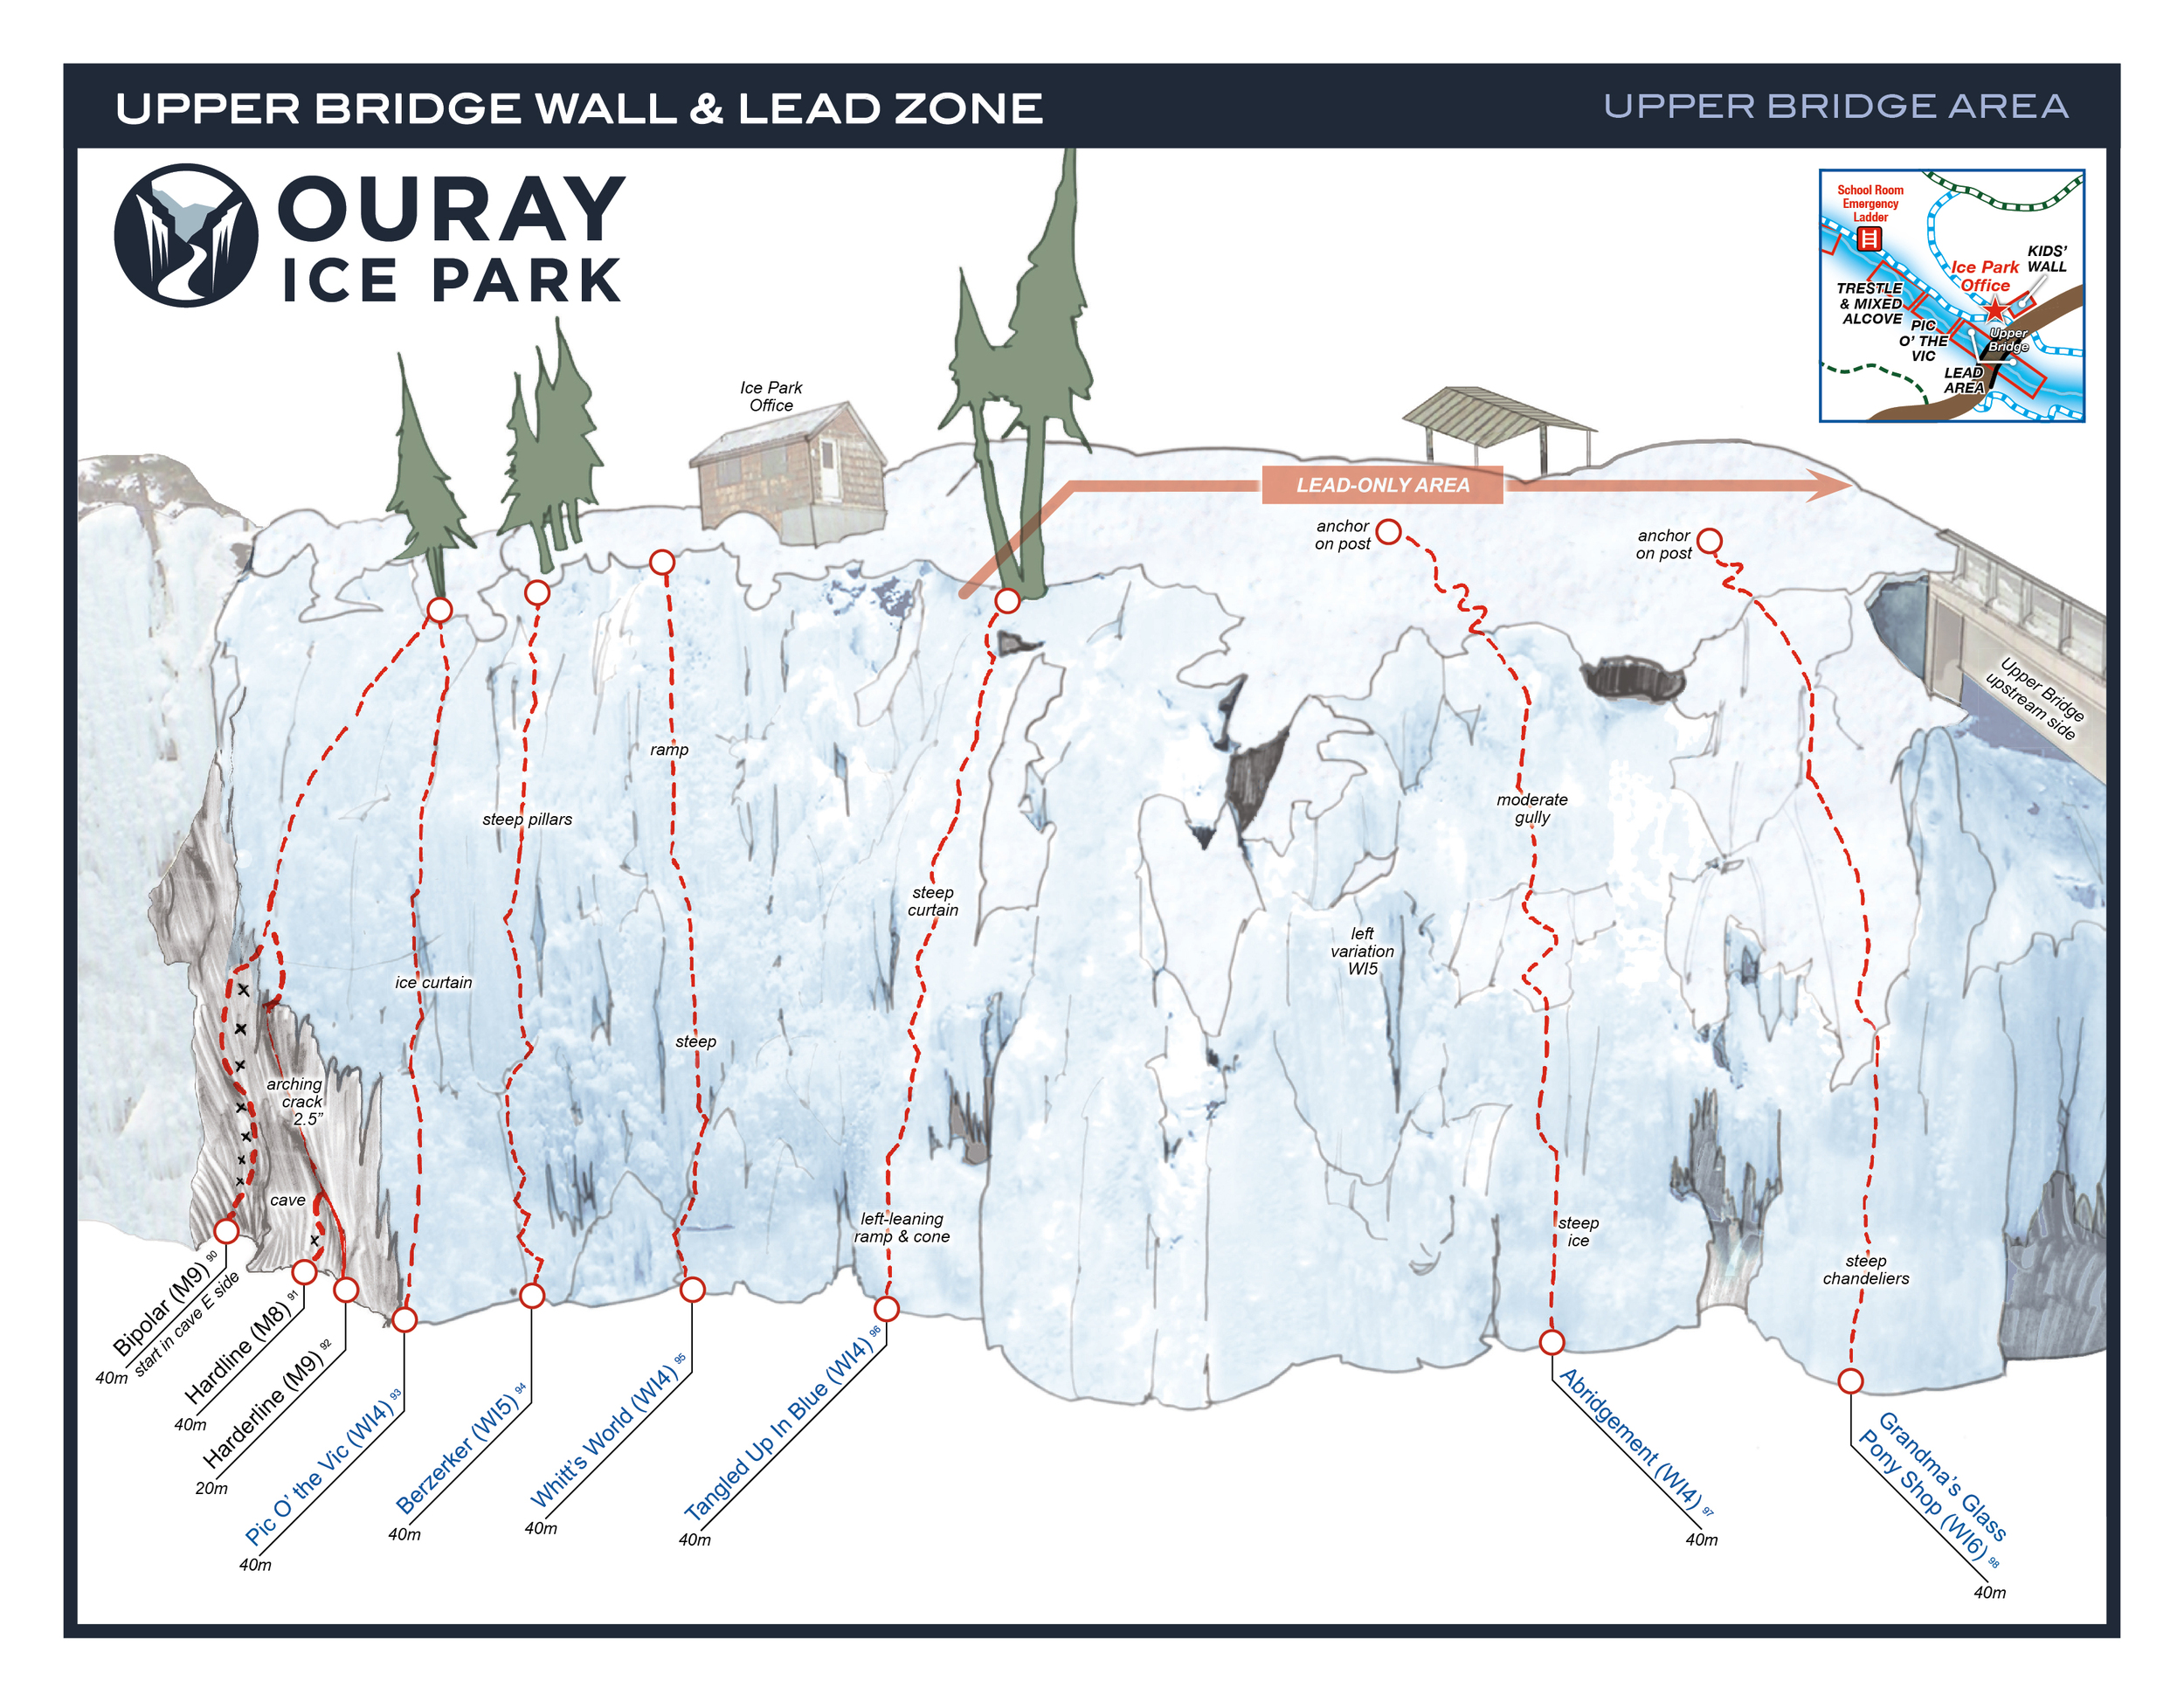 UpperBridge-Ice_Climbing